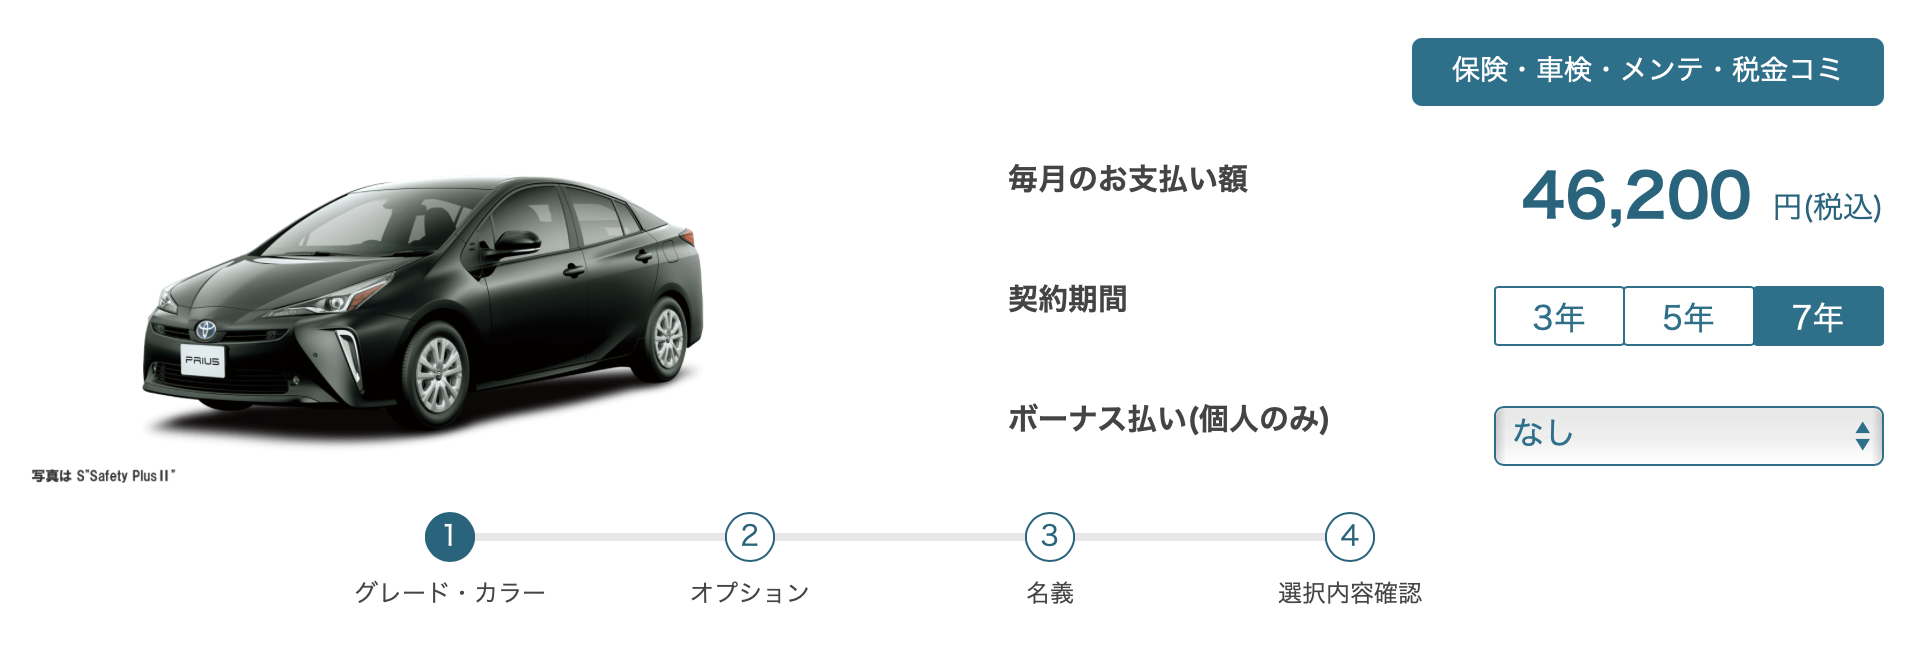 3位 KINTO:4万6,200円